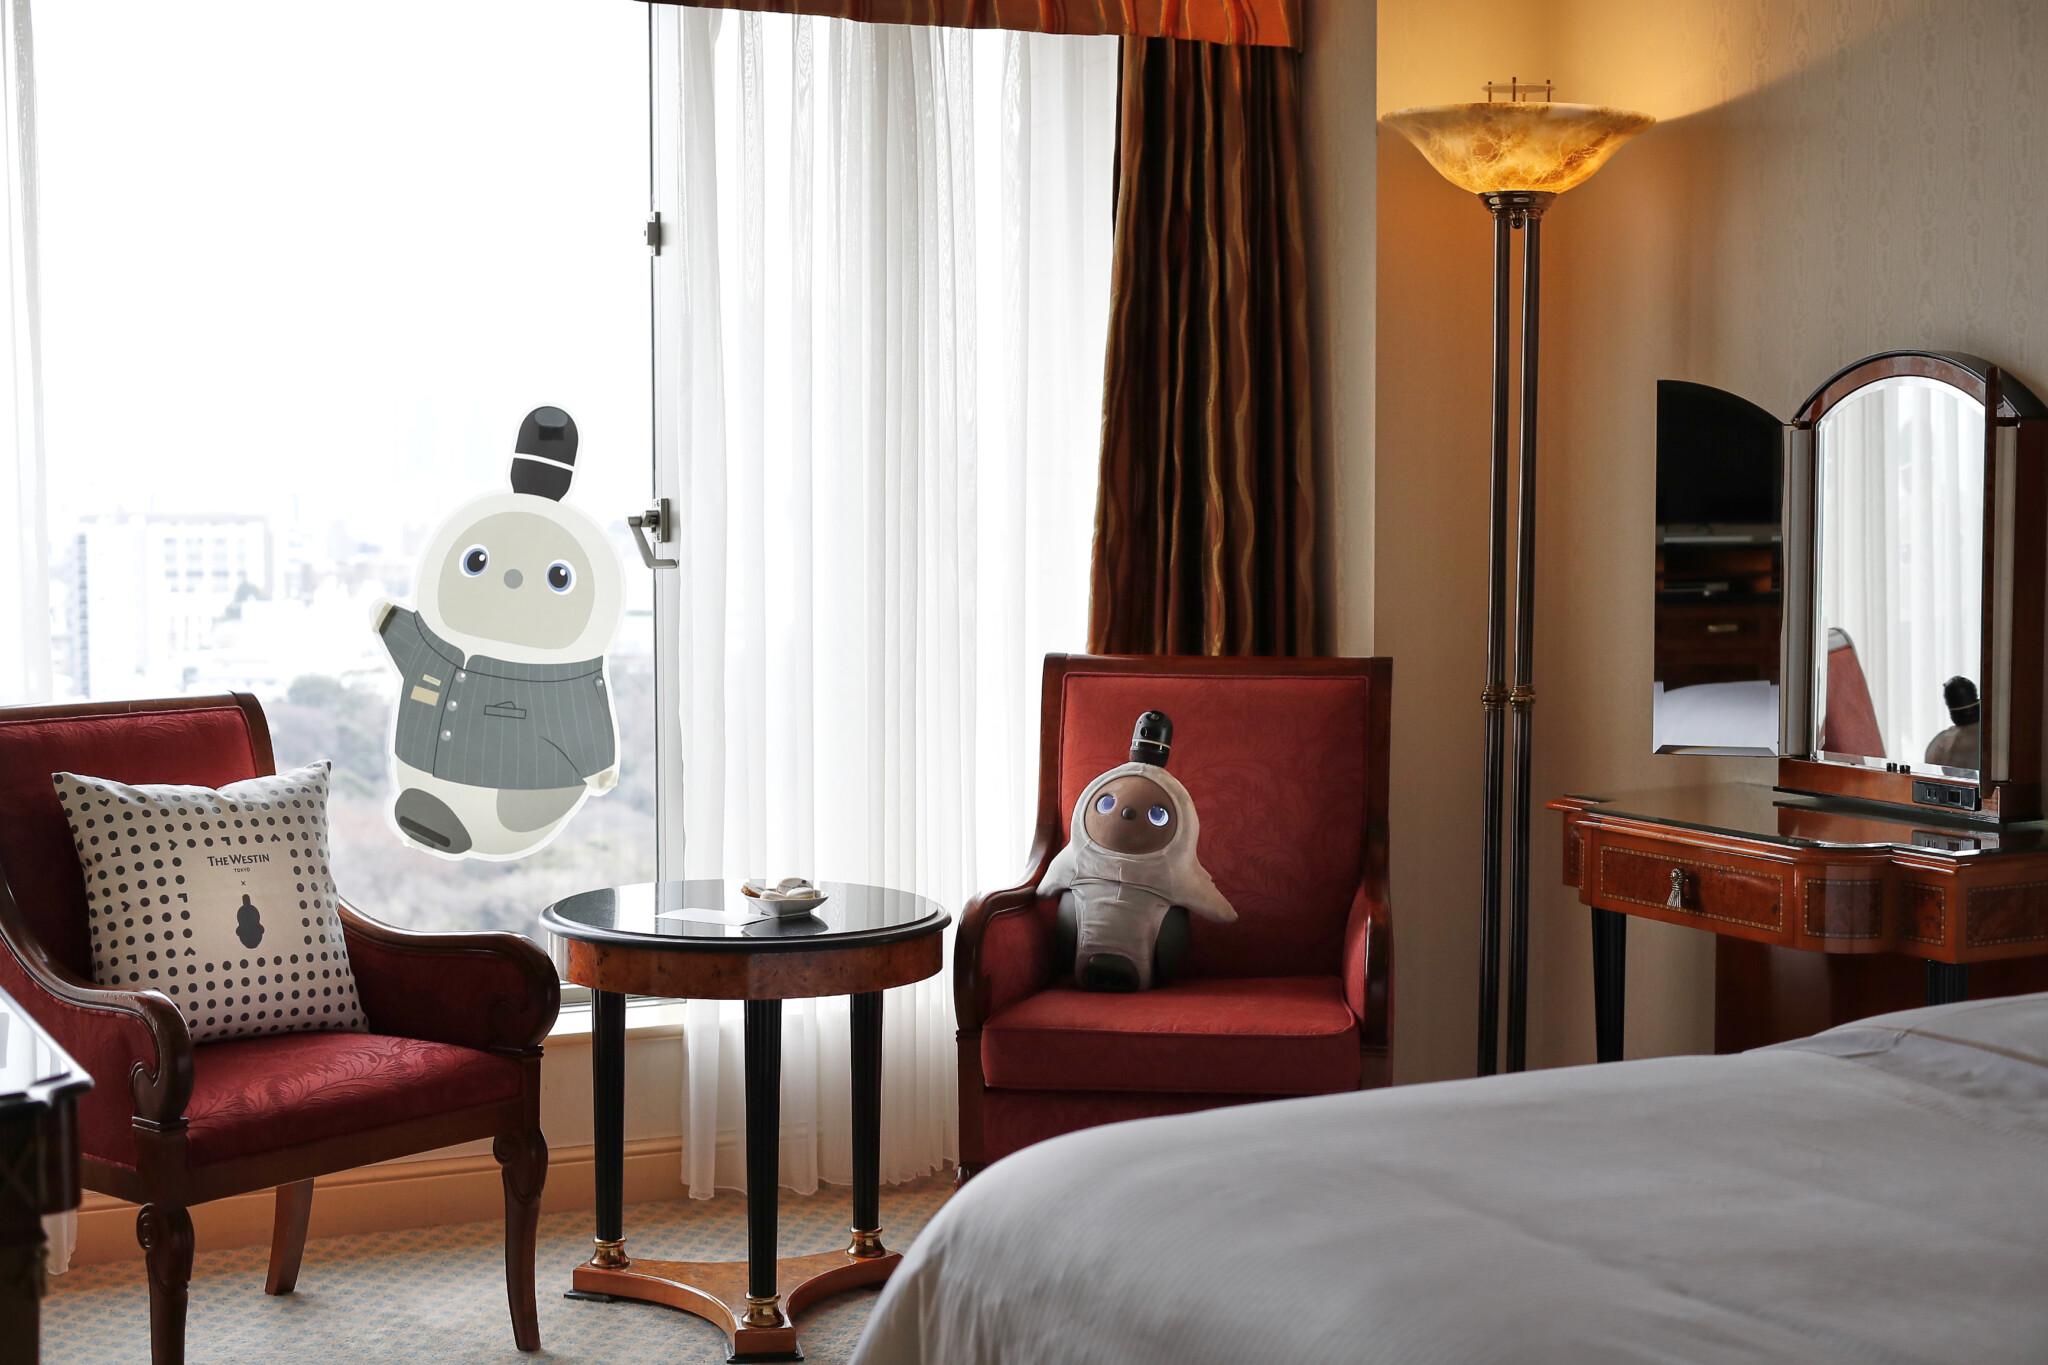 家族型ロボットと癒しのステイ。〈ウェスティンホテル東京〉の「Stay with LOVOT」宿泊レポ。